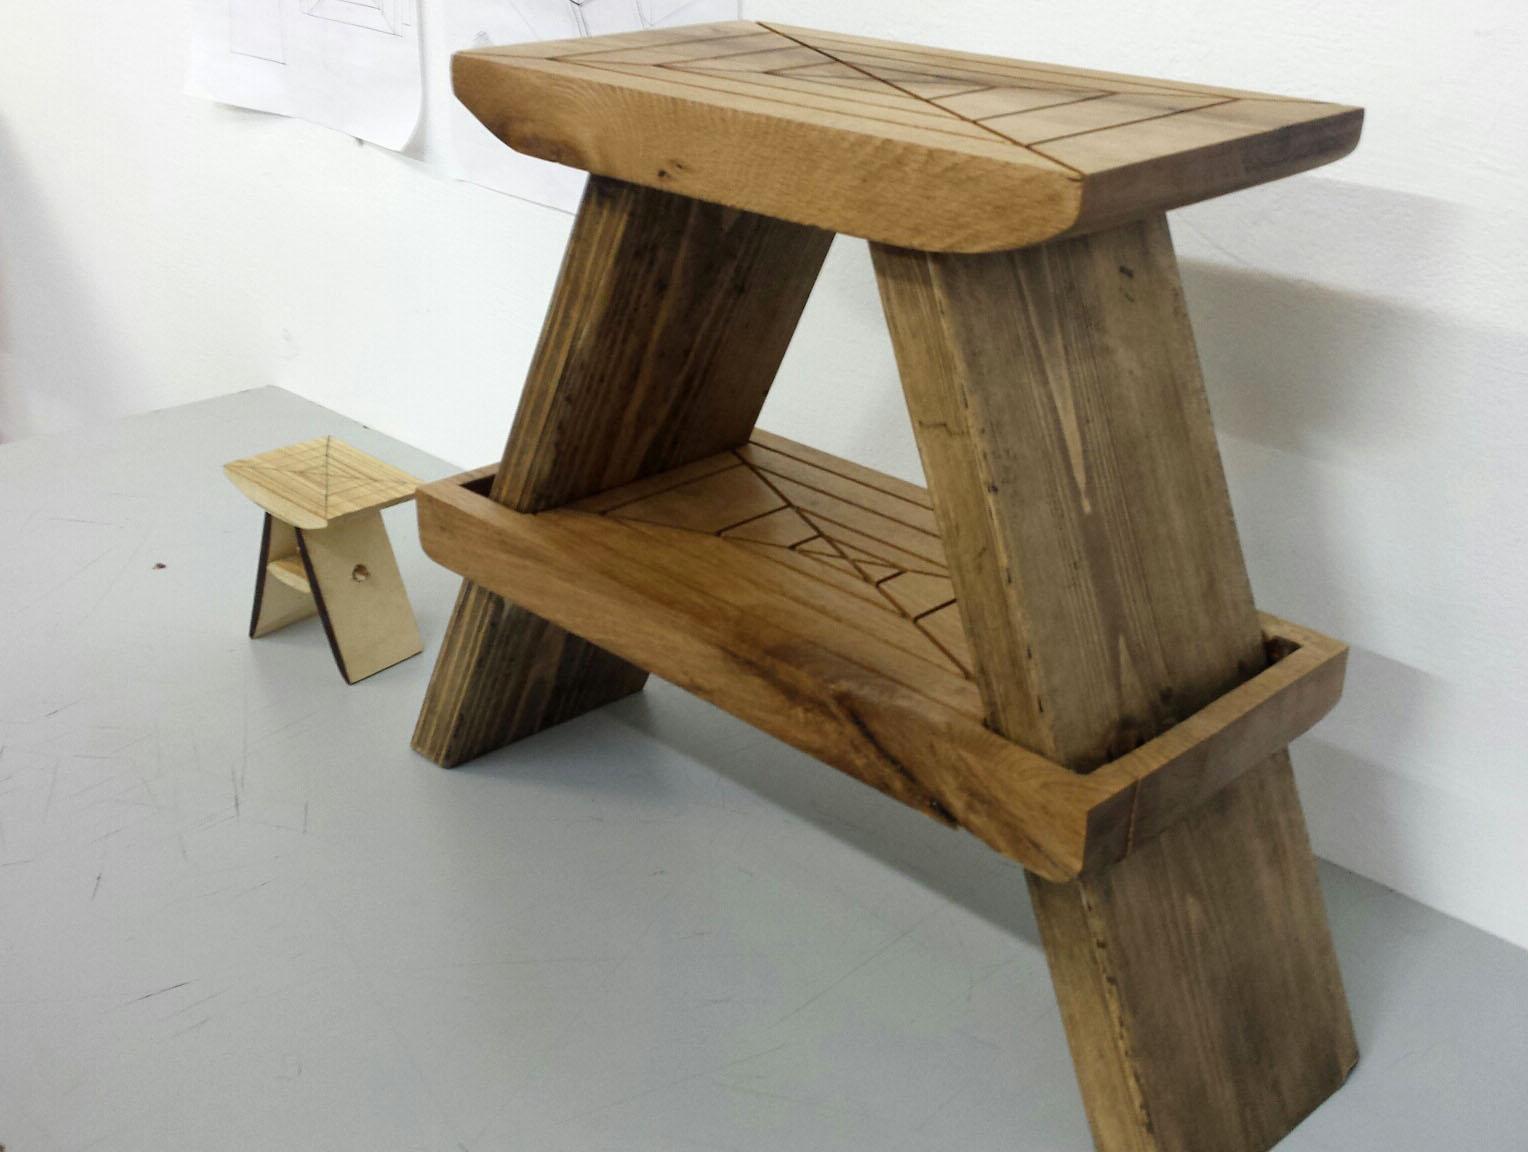 תכנית המייקרים - פרויקט ספסלים